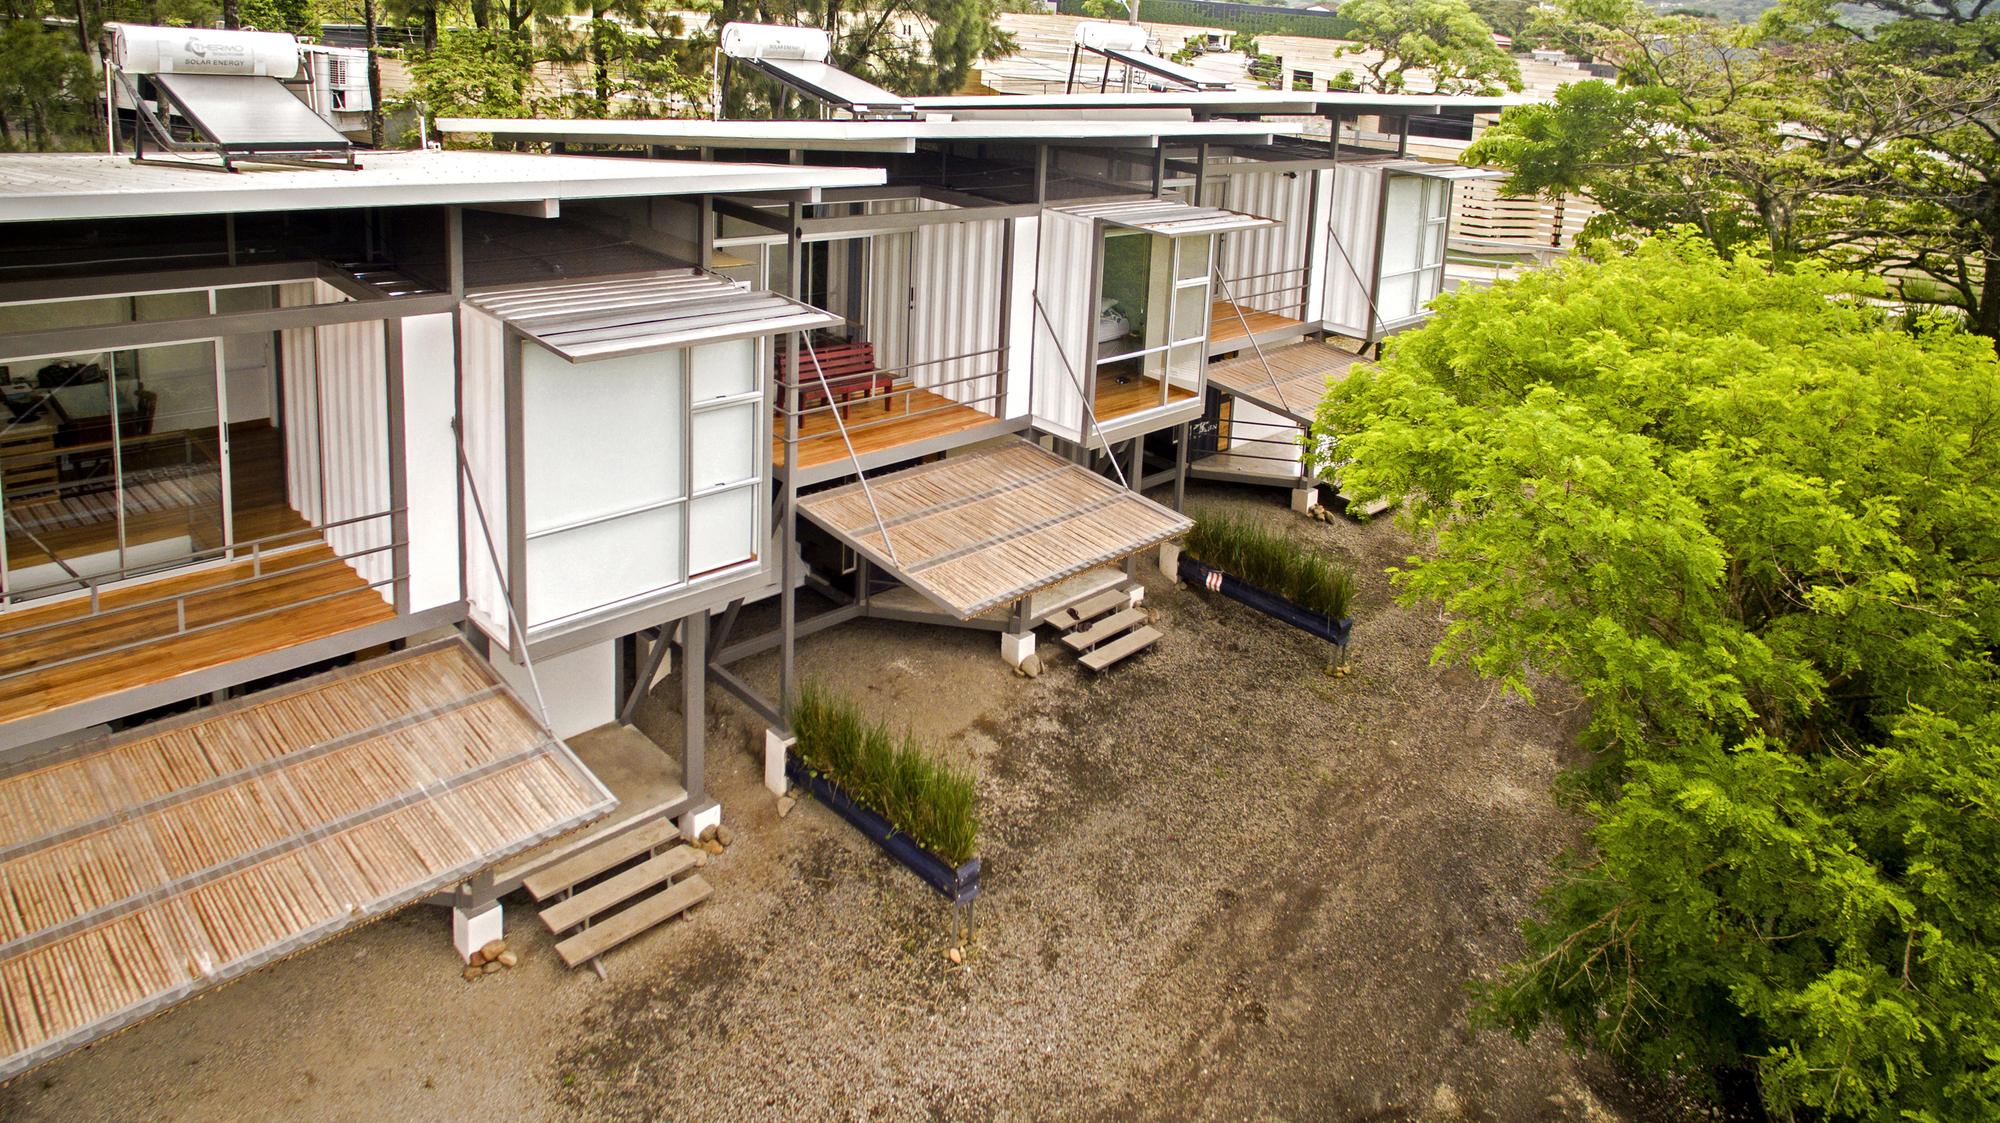 Franceschi Container Houses / Re Arquitectura + DAO